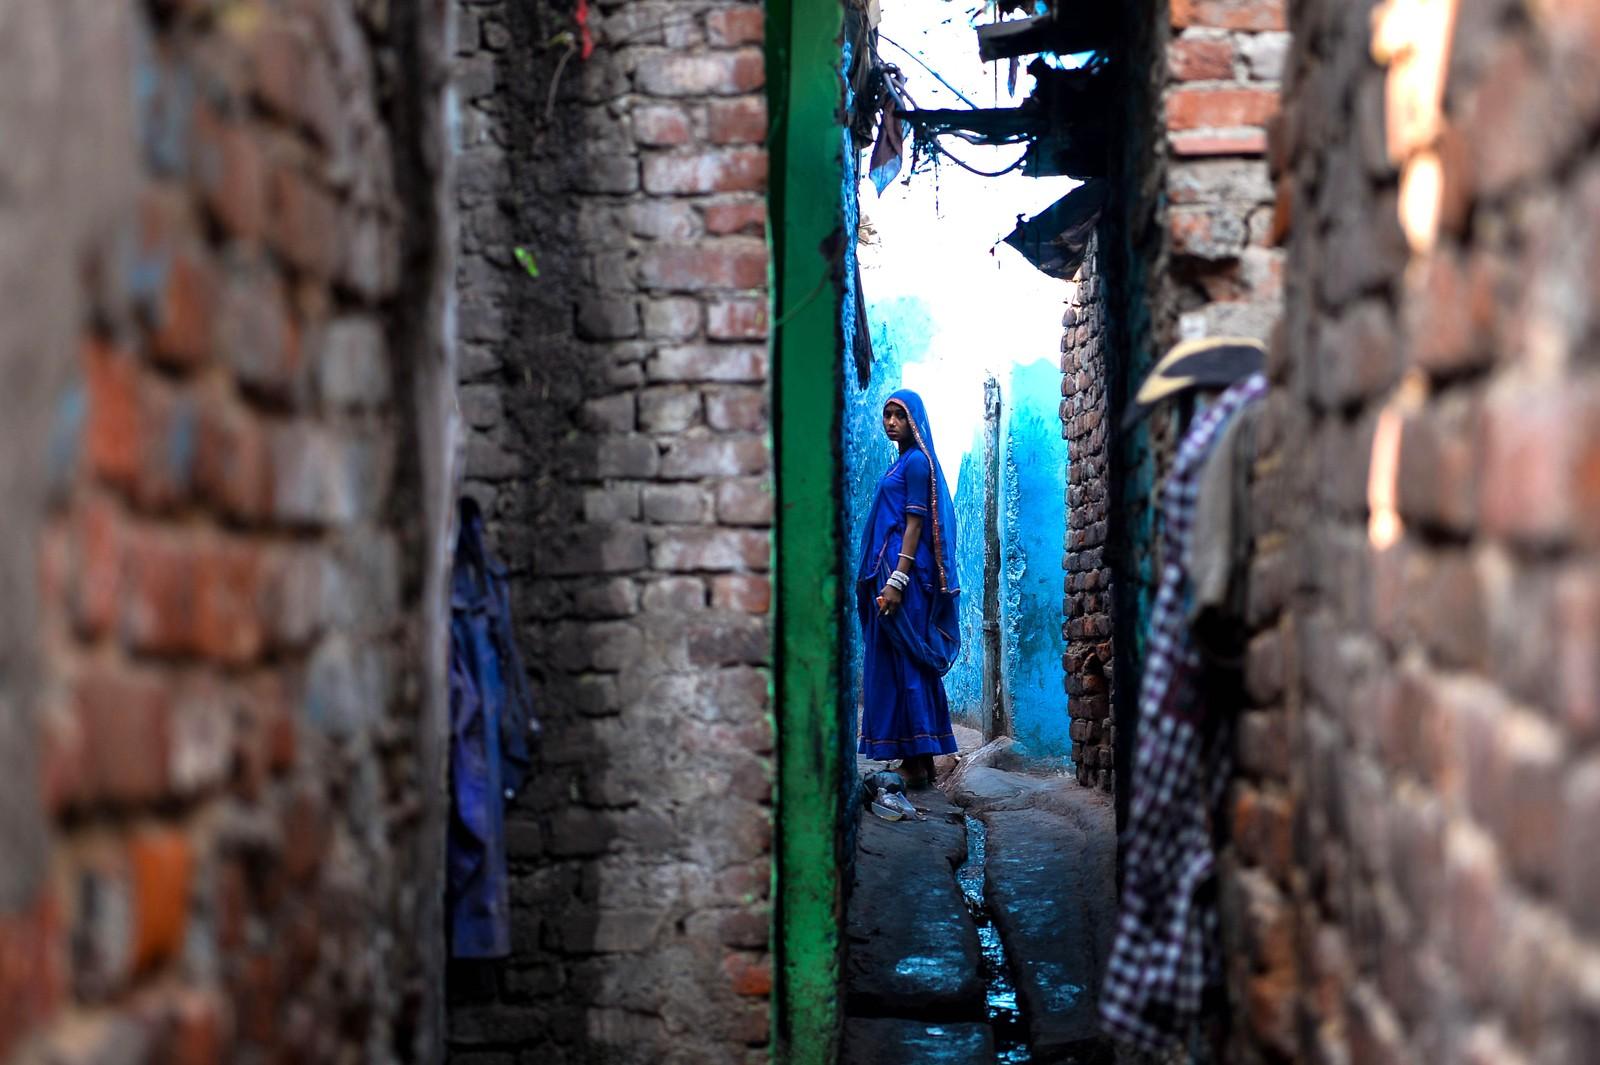 """En indisk kvinne står i et smug i Kathpuli-kolonien i New Delhi i India. Kathpuli er et slumområde. På hindi betyr navnet """"tredukke"""". Innbyggerne er for det meste illusjonister, akrobater, dansere og musikere."""